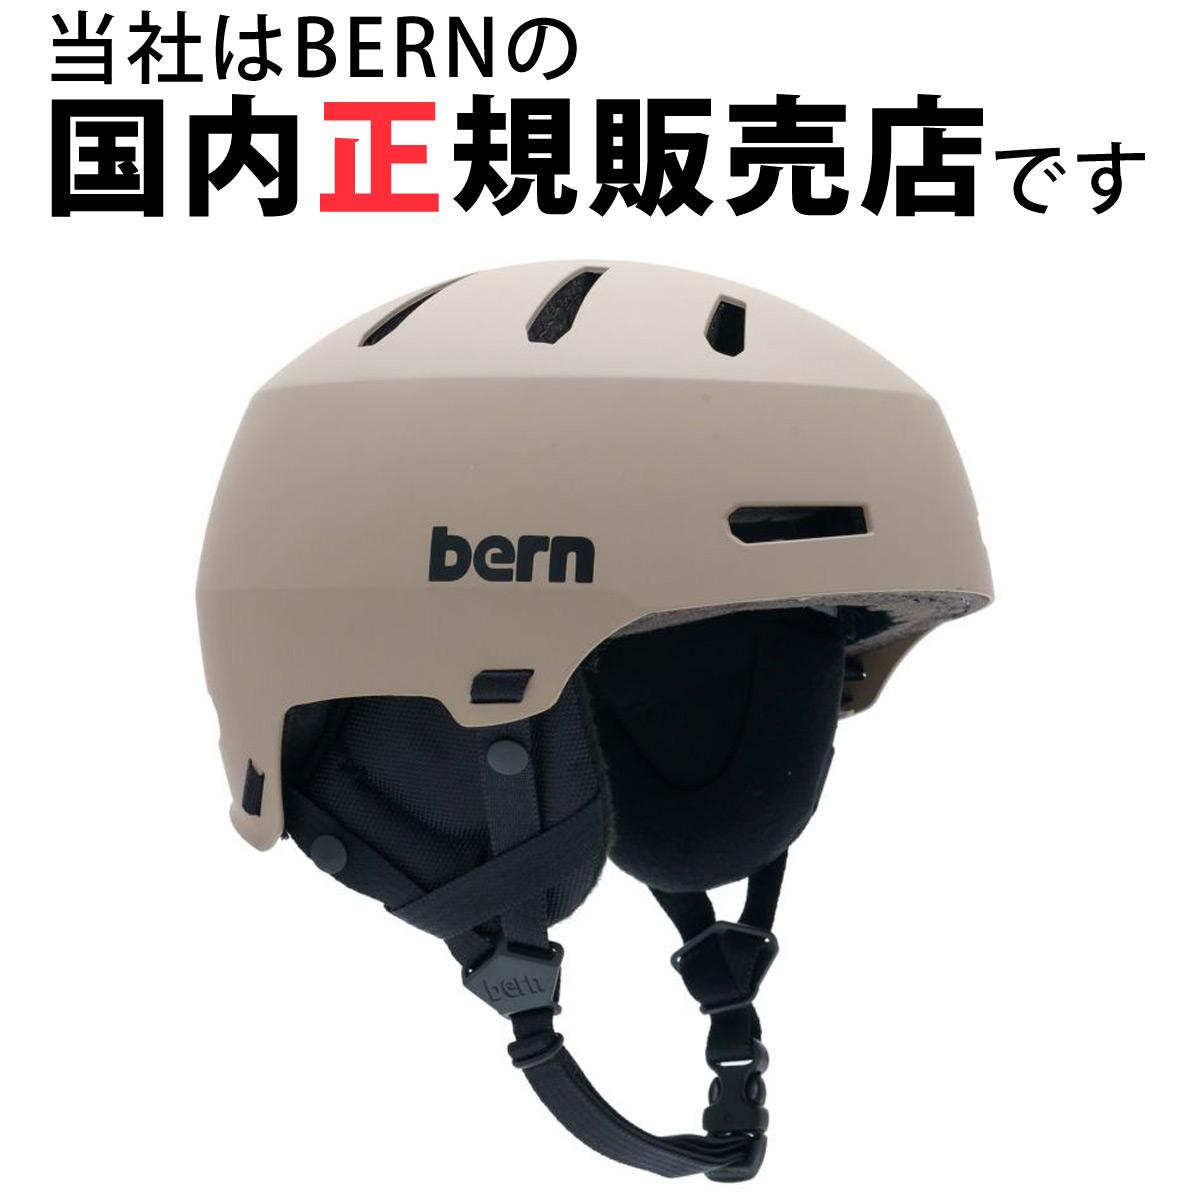 ヘルメット 子供用 自転車 NINO ニーノ S-Mサイズ 51.5cm-54.5cm キッズ ジュニア 幼児 軽量 国内正規販売店 おしゃれ BERN バーン